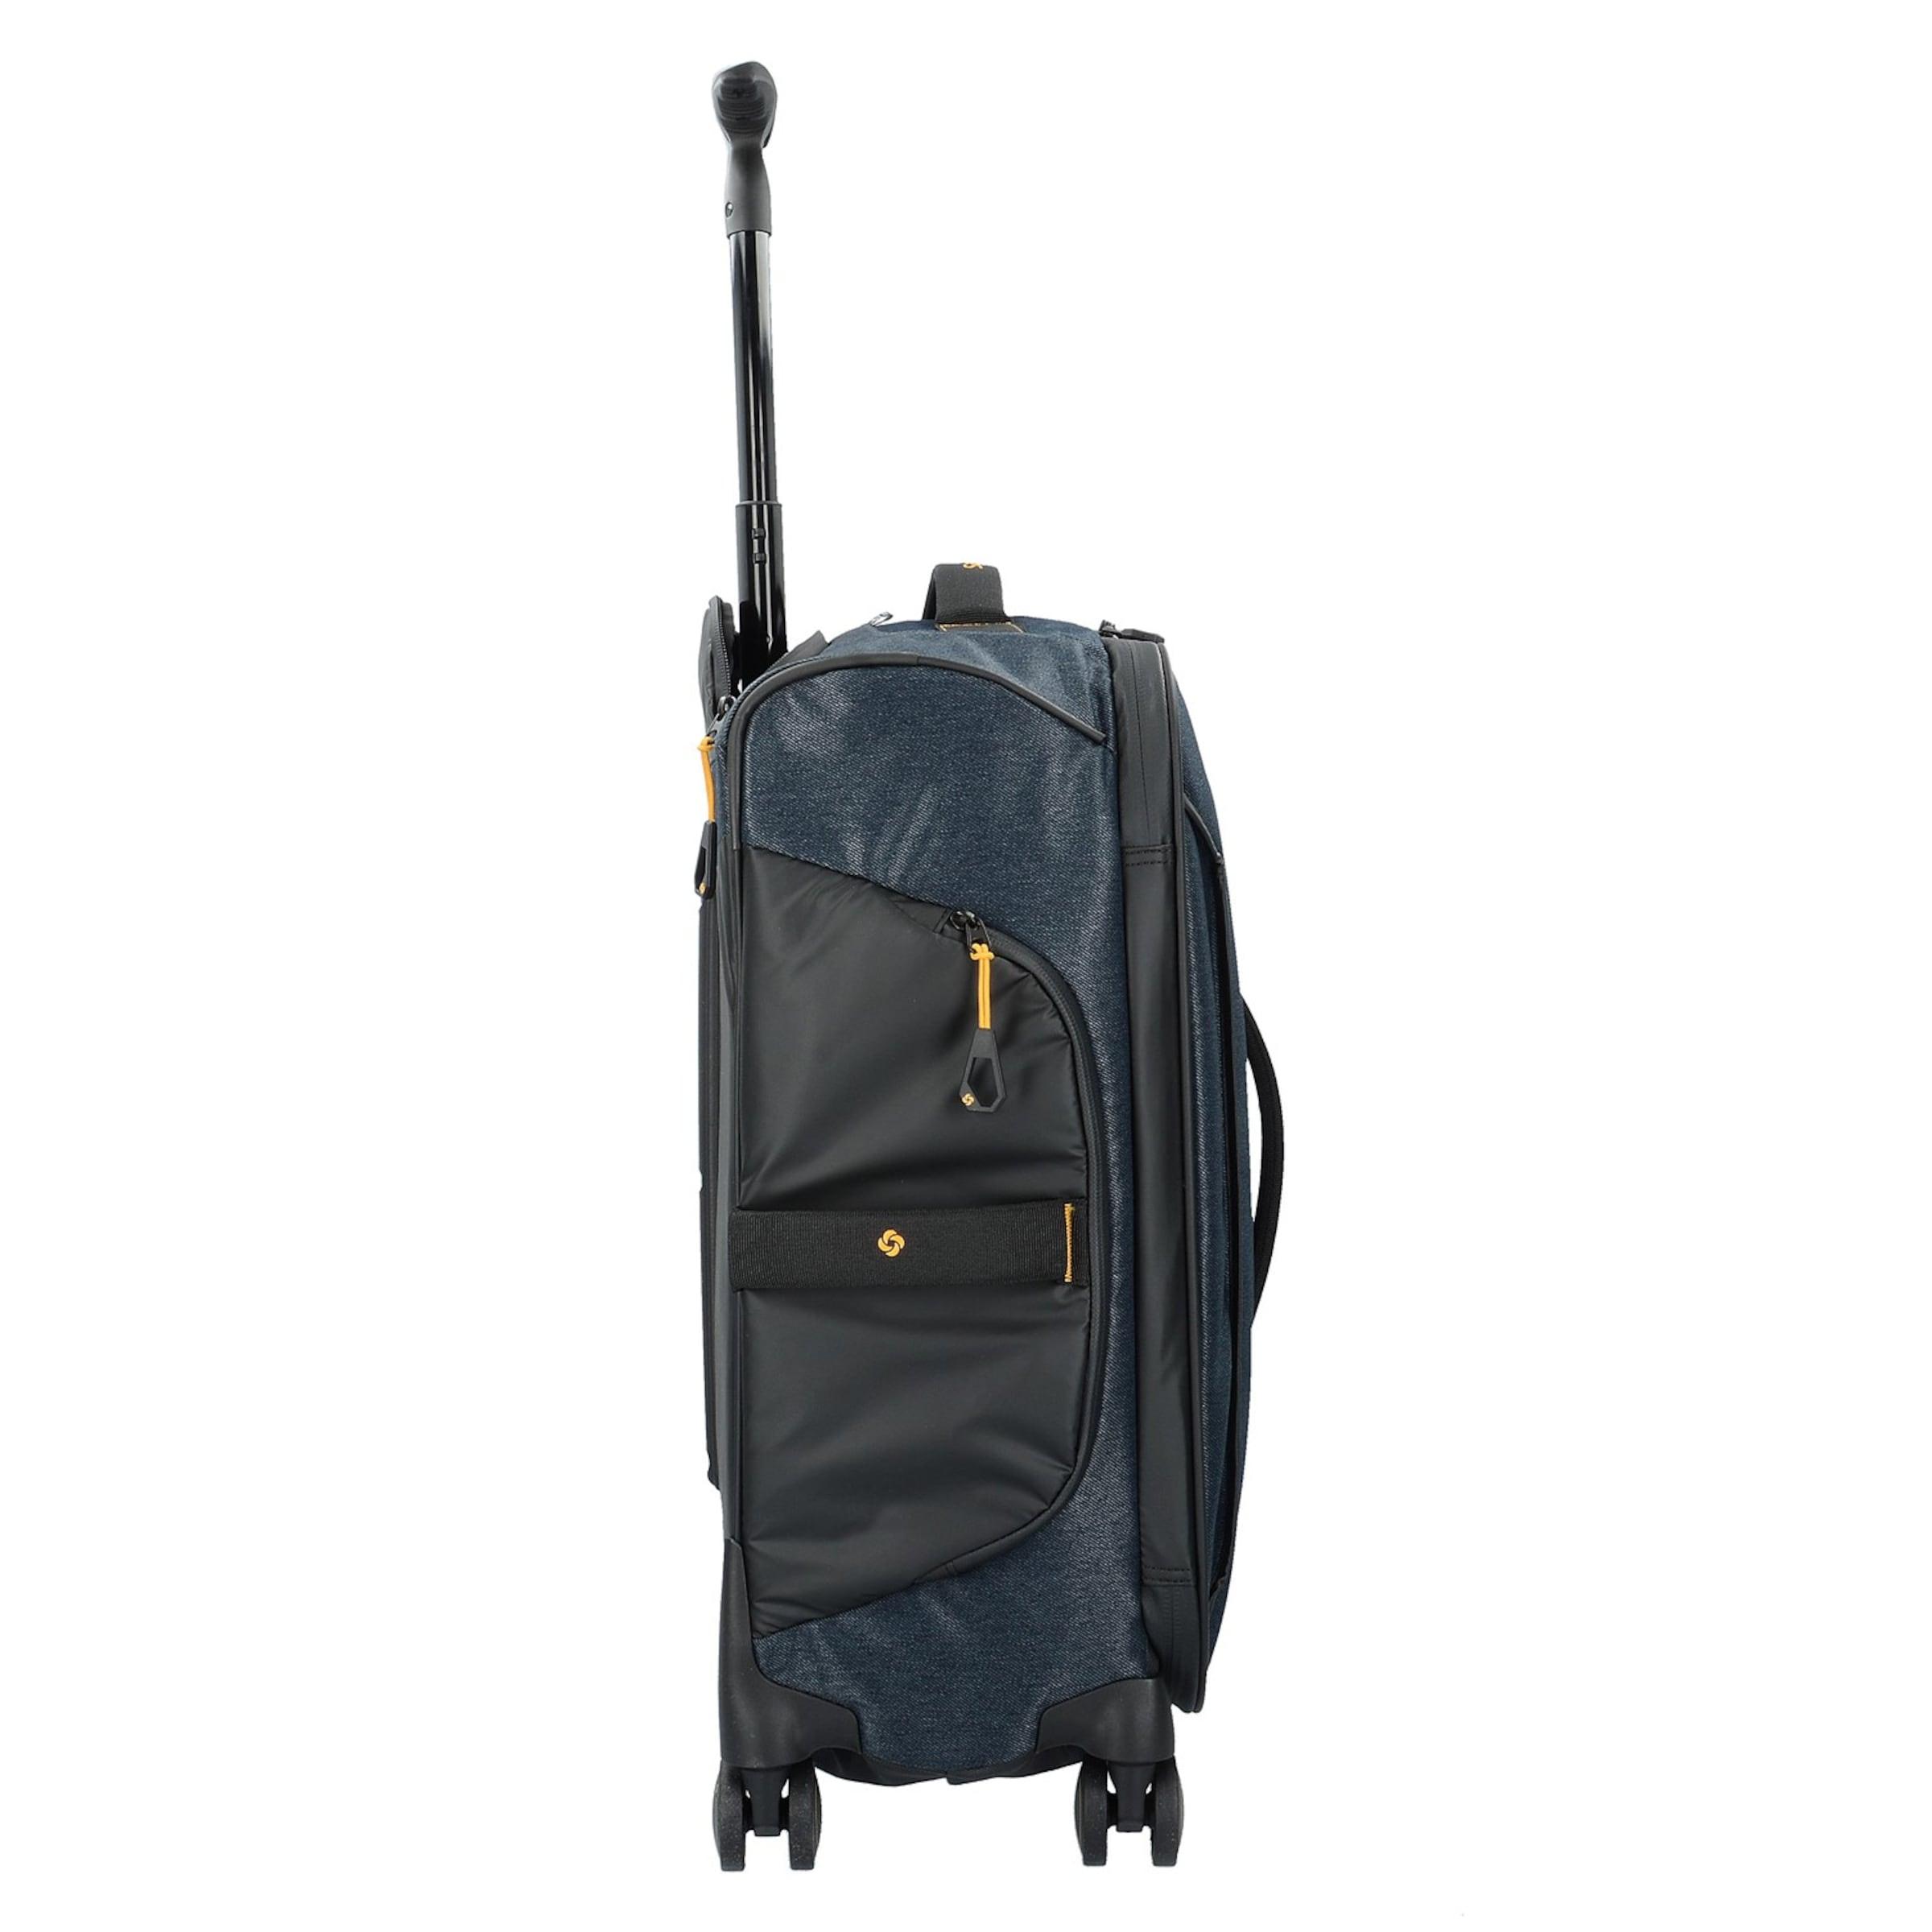 SAMSONITE Paradiver Light Spinner 4-Rollen Reisetasche 55 cm Günstigsten Online Bestseller Online zY6NXPuxpj